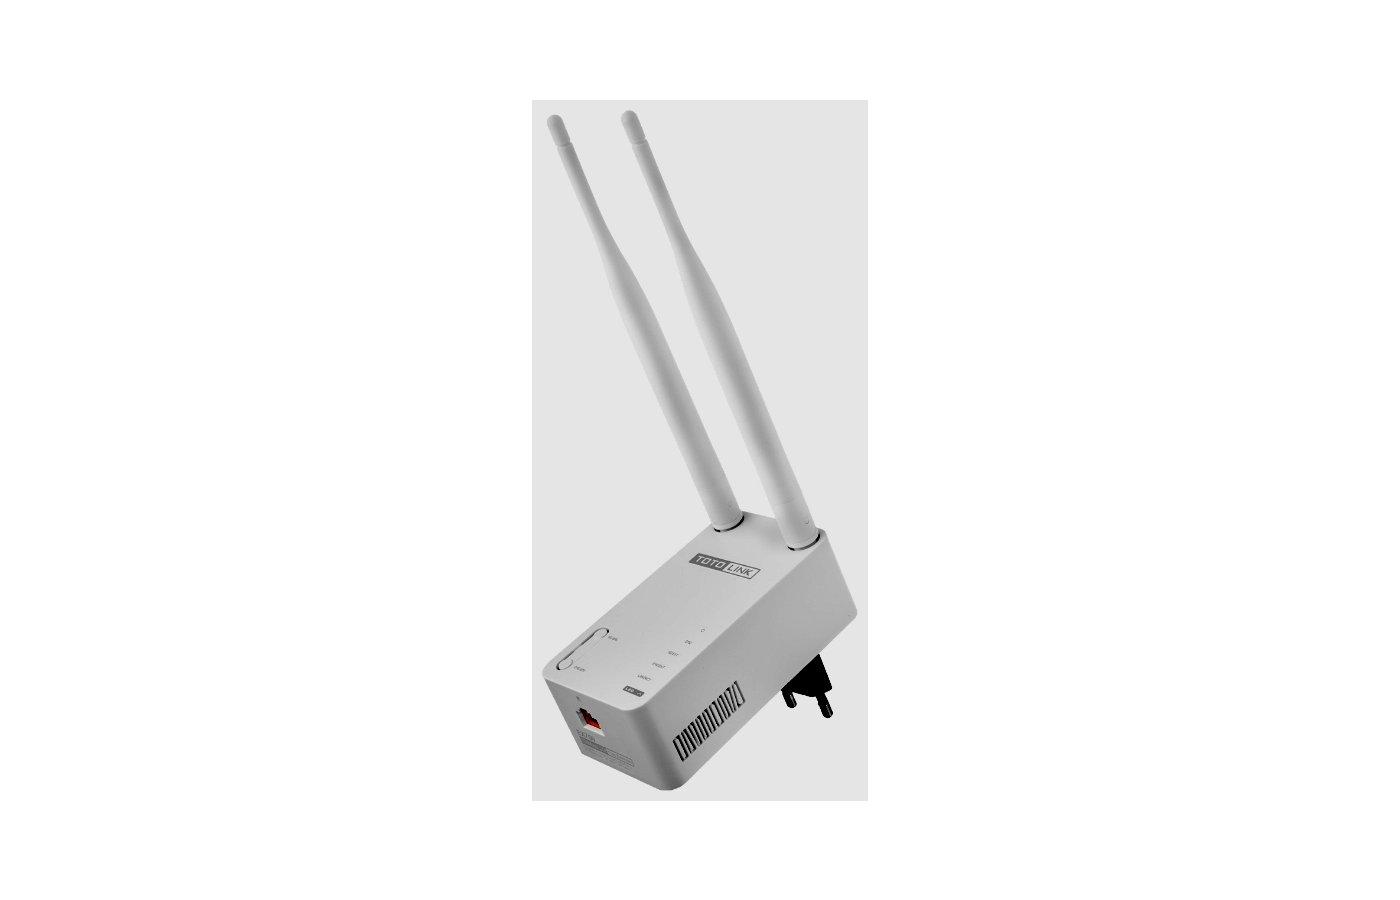 Сетевое оборудование Totolink EX750